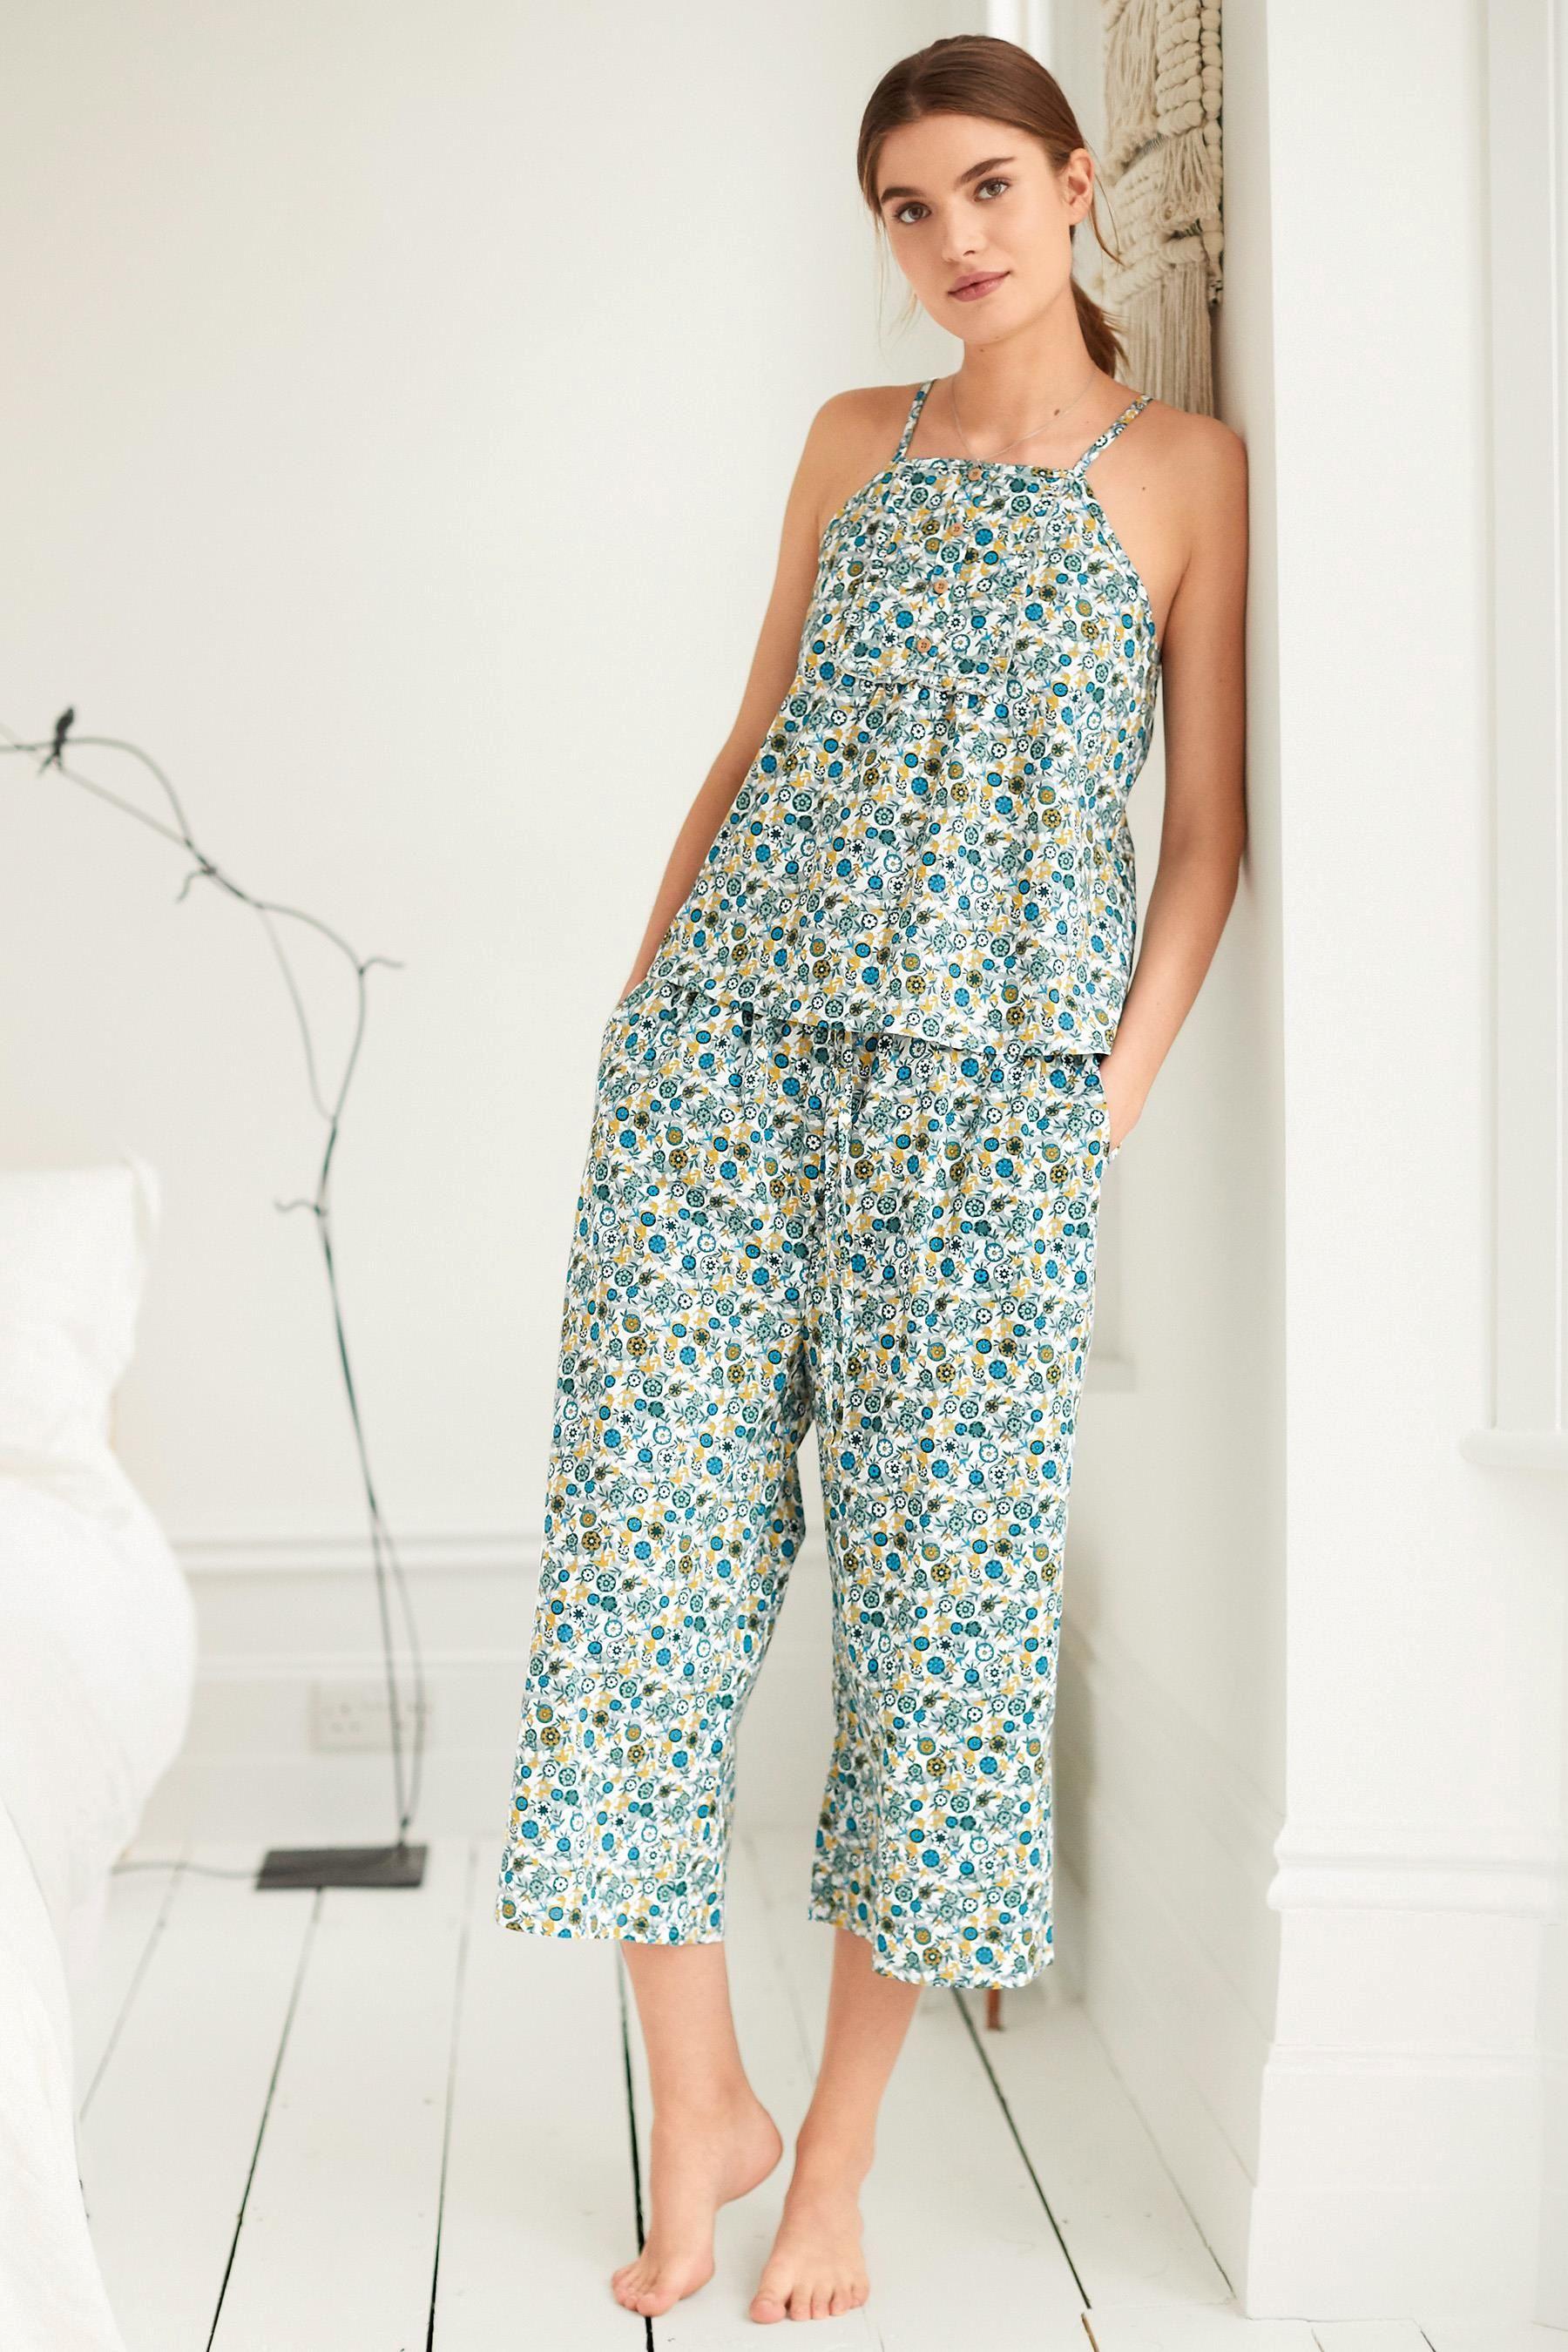 英国订购NEXT女装正品 女士女生绿色碎花编织细肩带睡衣+长裤套装